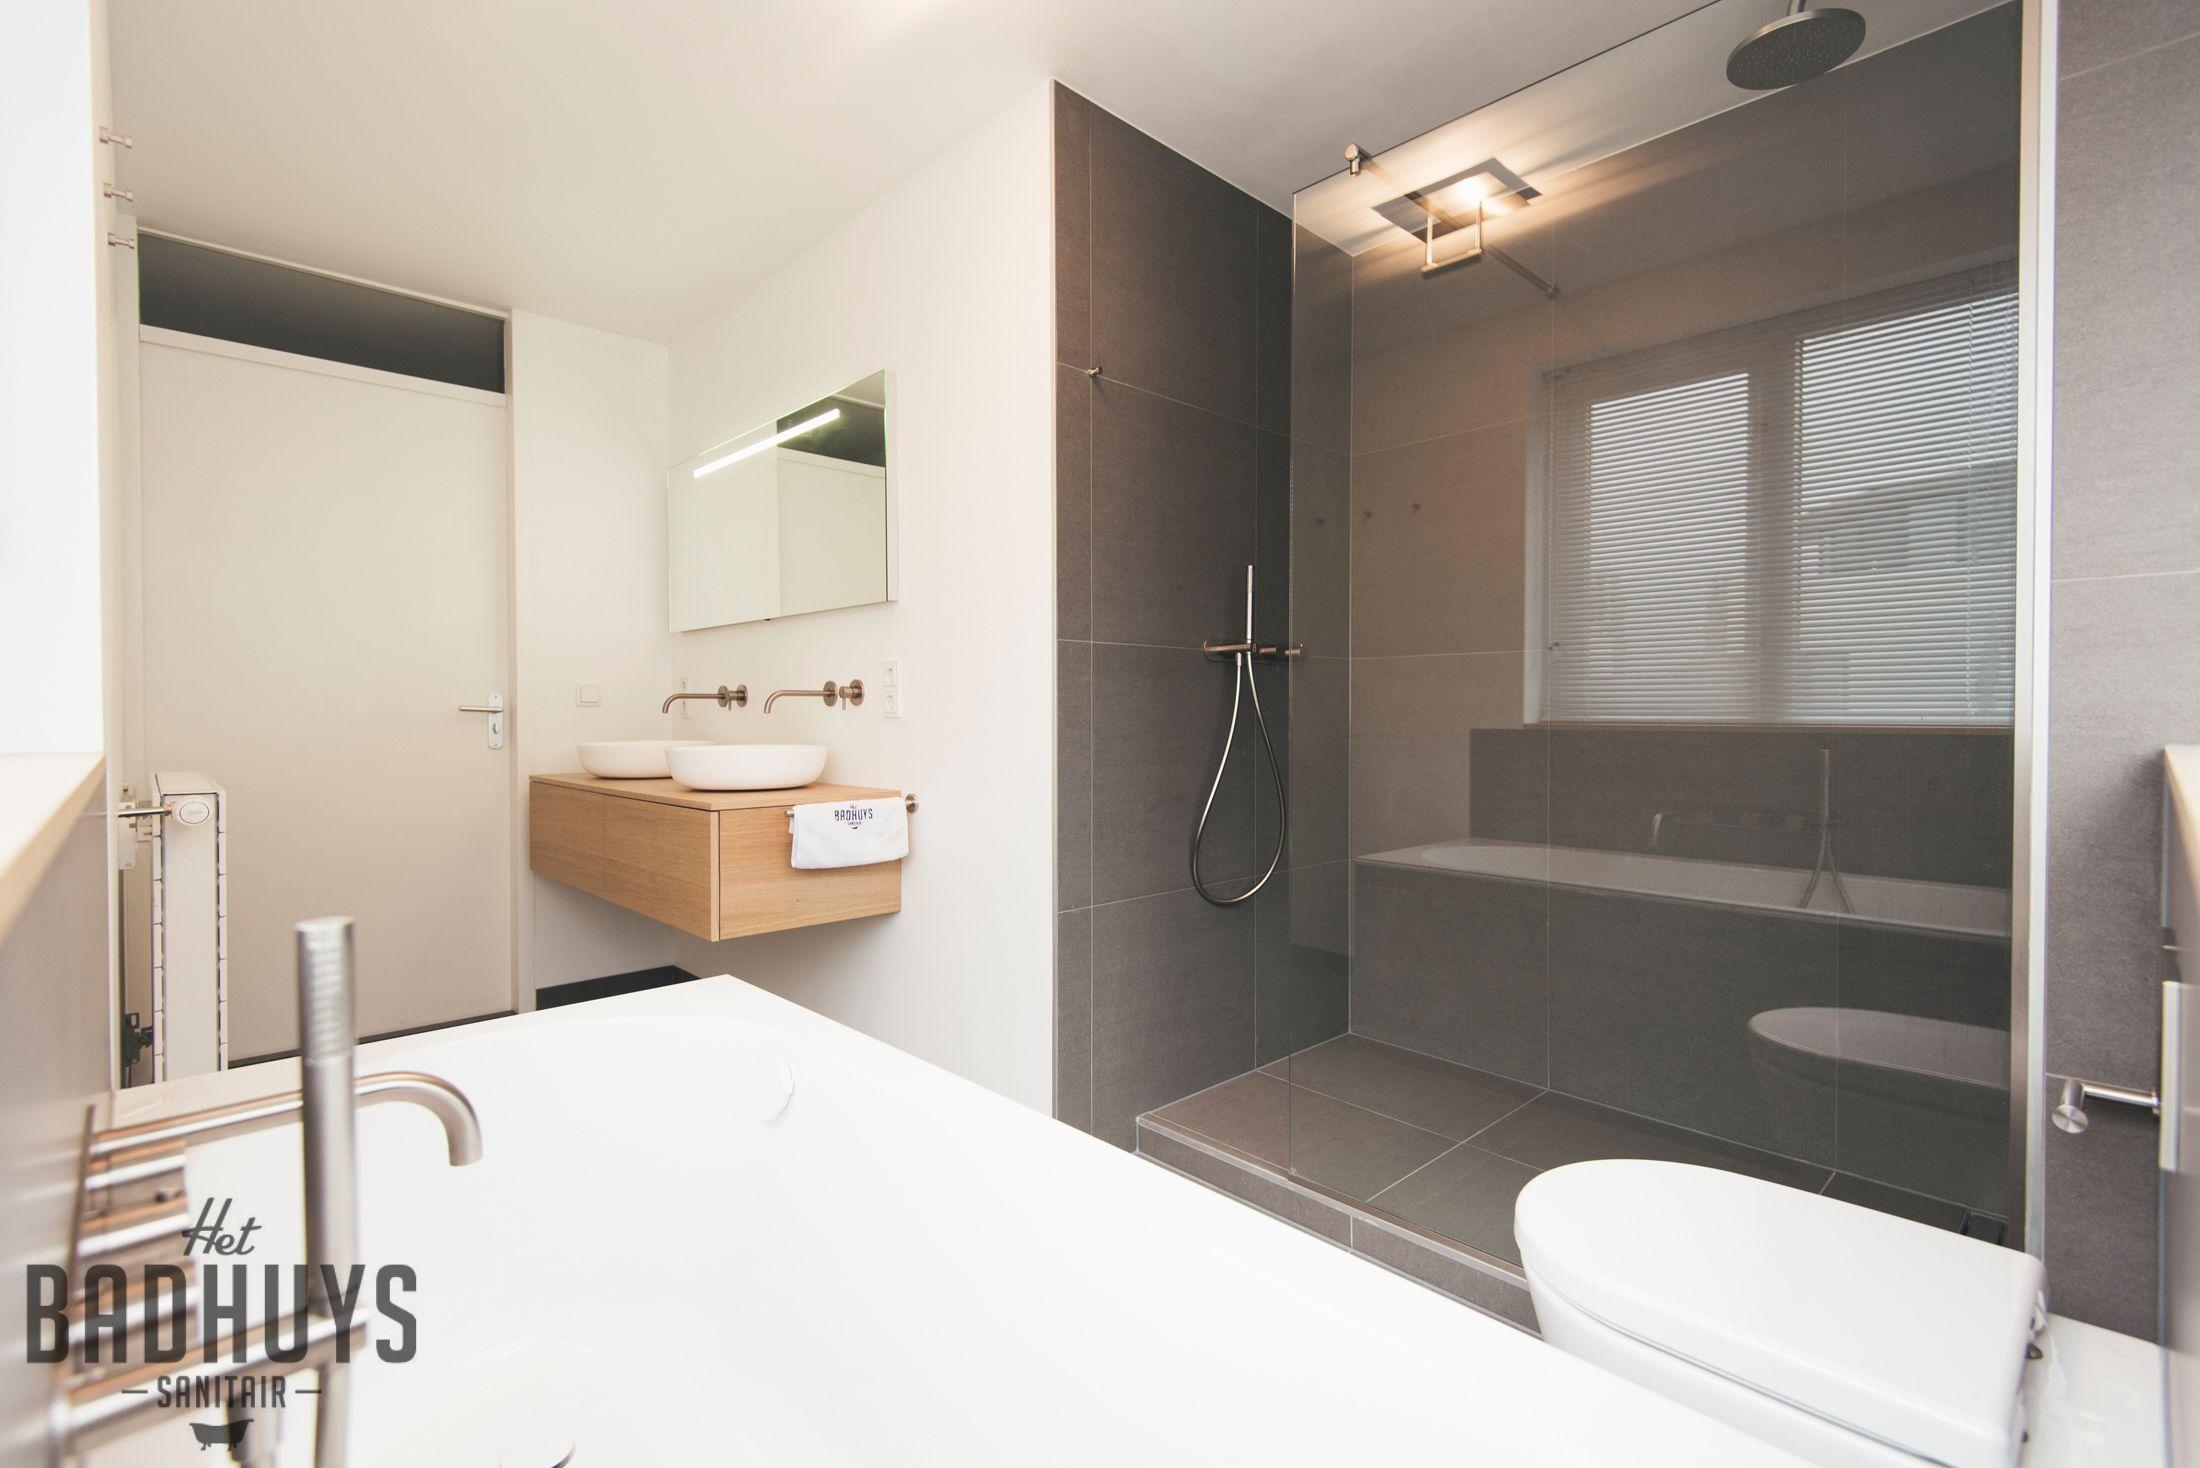 Inloopdouche Met Wasmeubel : Moderne badkamer met inloopdouche en wastafel op maat het badhuys